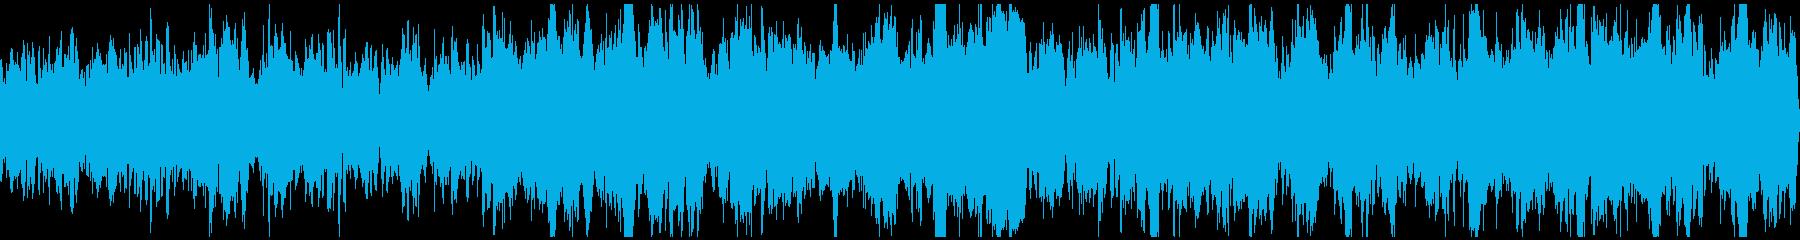 ファンタジー村BGMの再生済みの波形